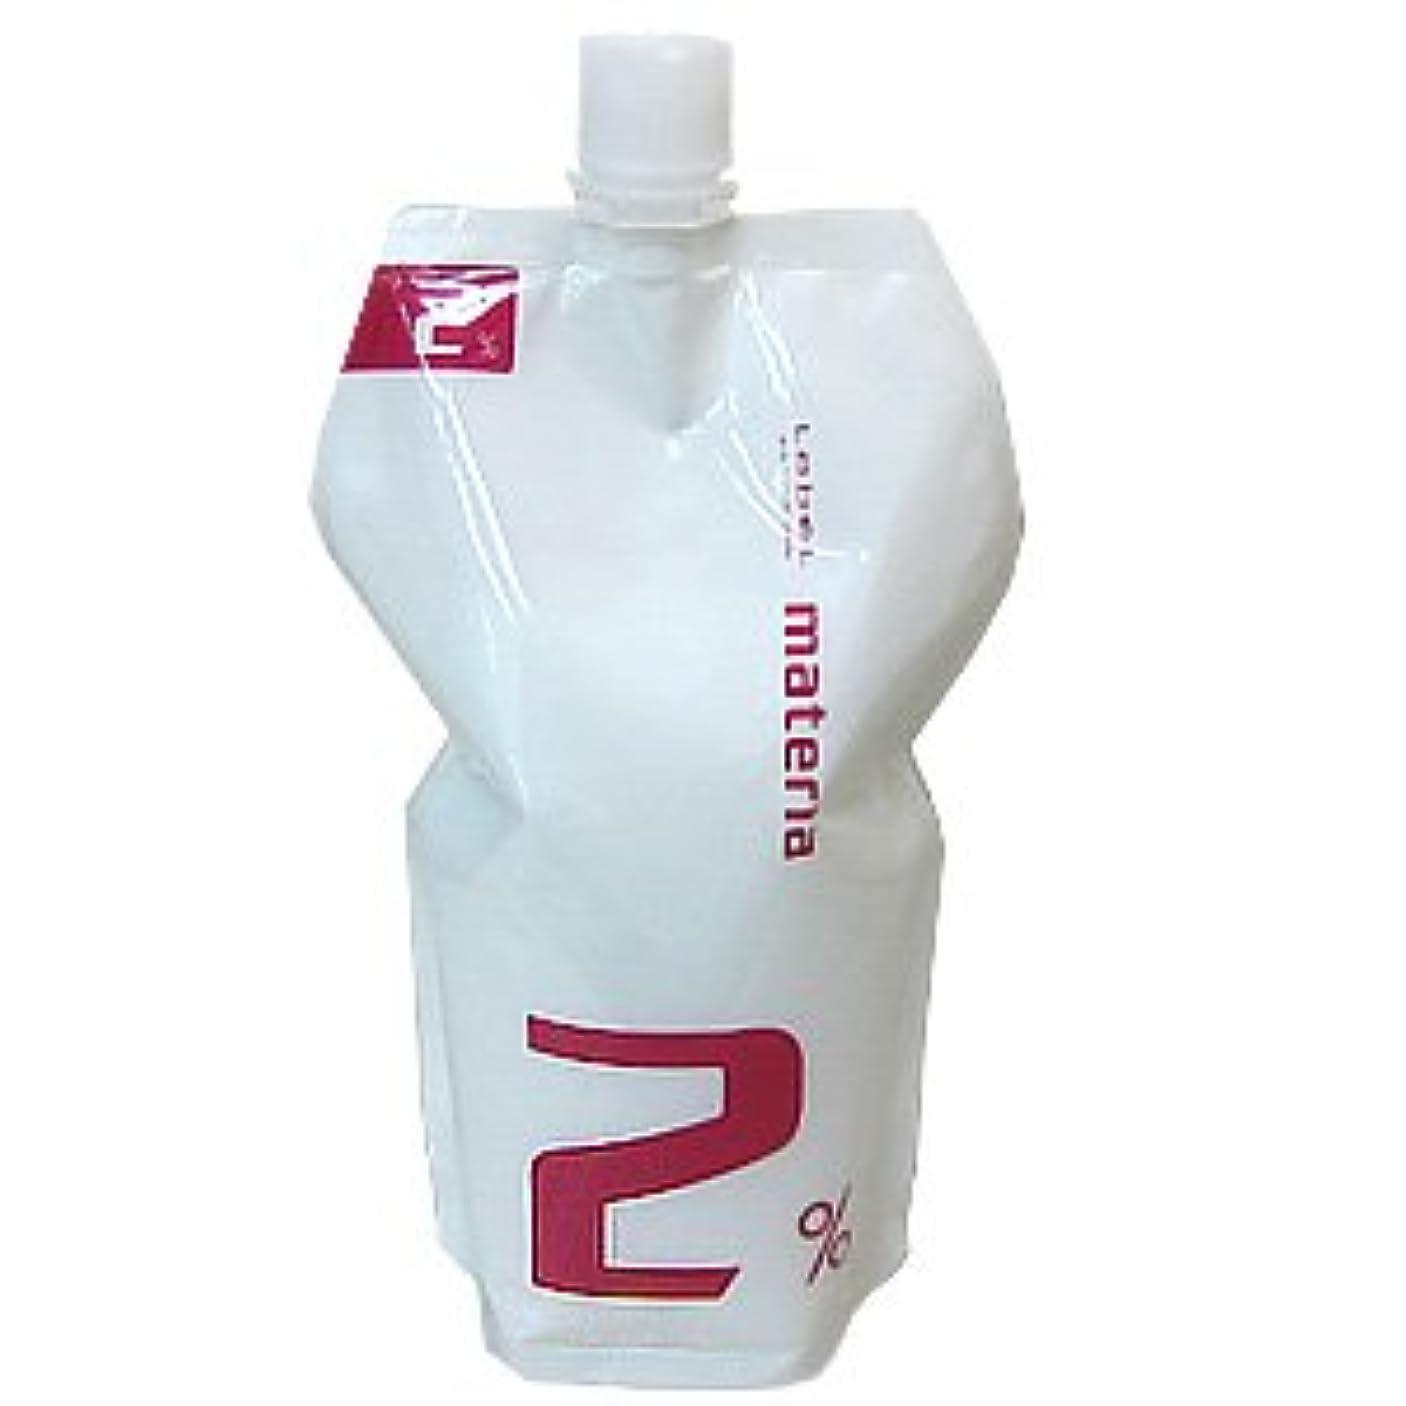 子ハンディ方程式ルベル マテリア オキシ 1000ml (マテリアシリーズ 共通ヘアカラー2剤) 2%